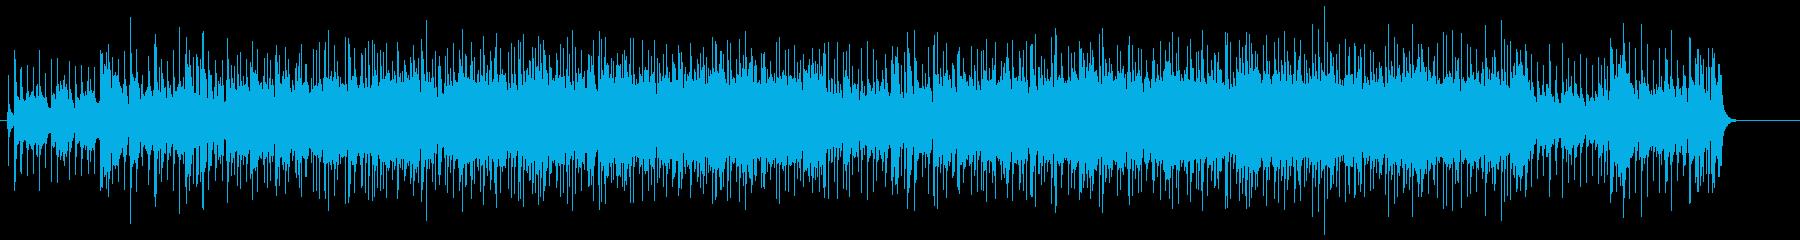 気高さとハリのあるダイナミックなポップスの再生済みの波形